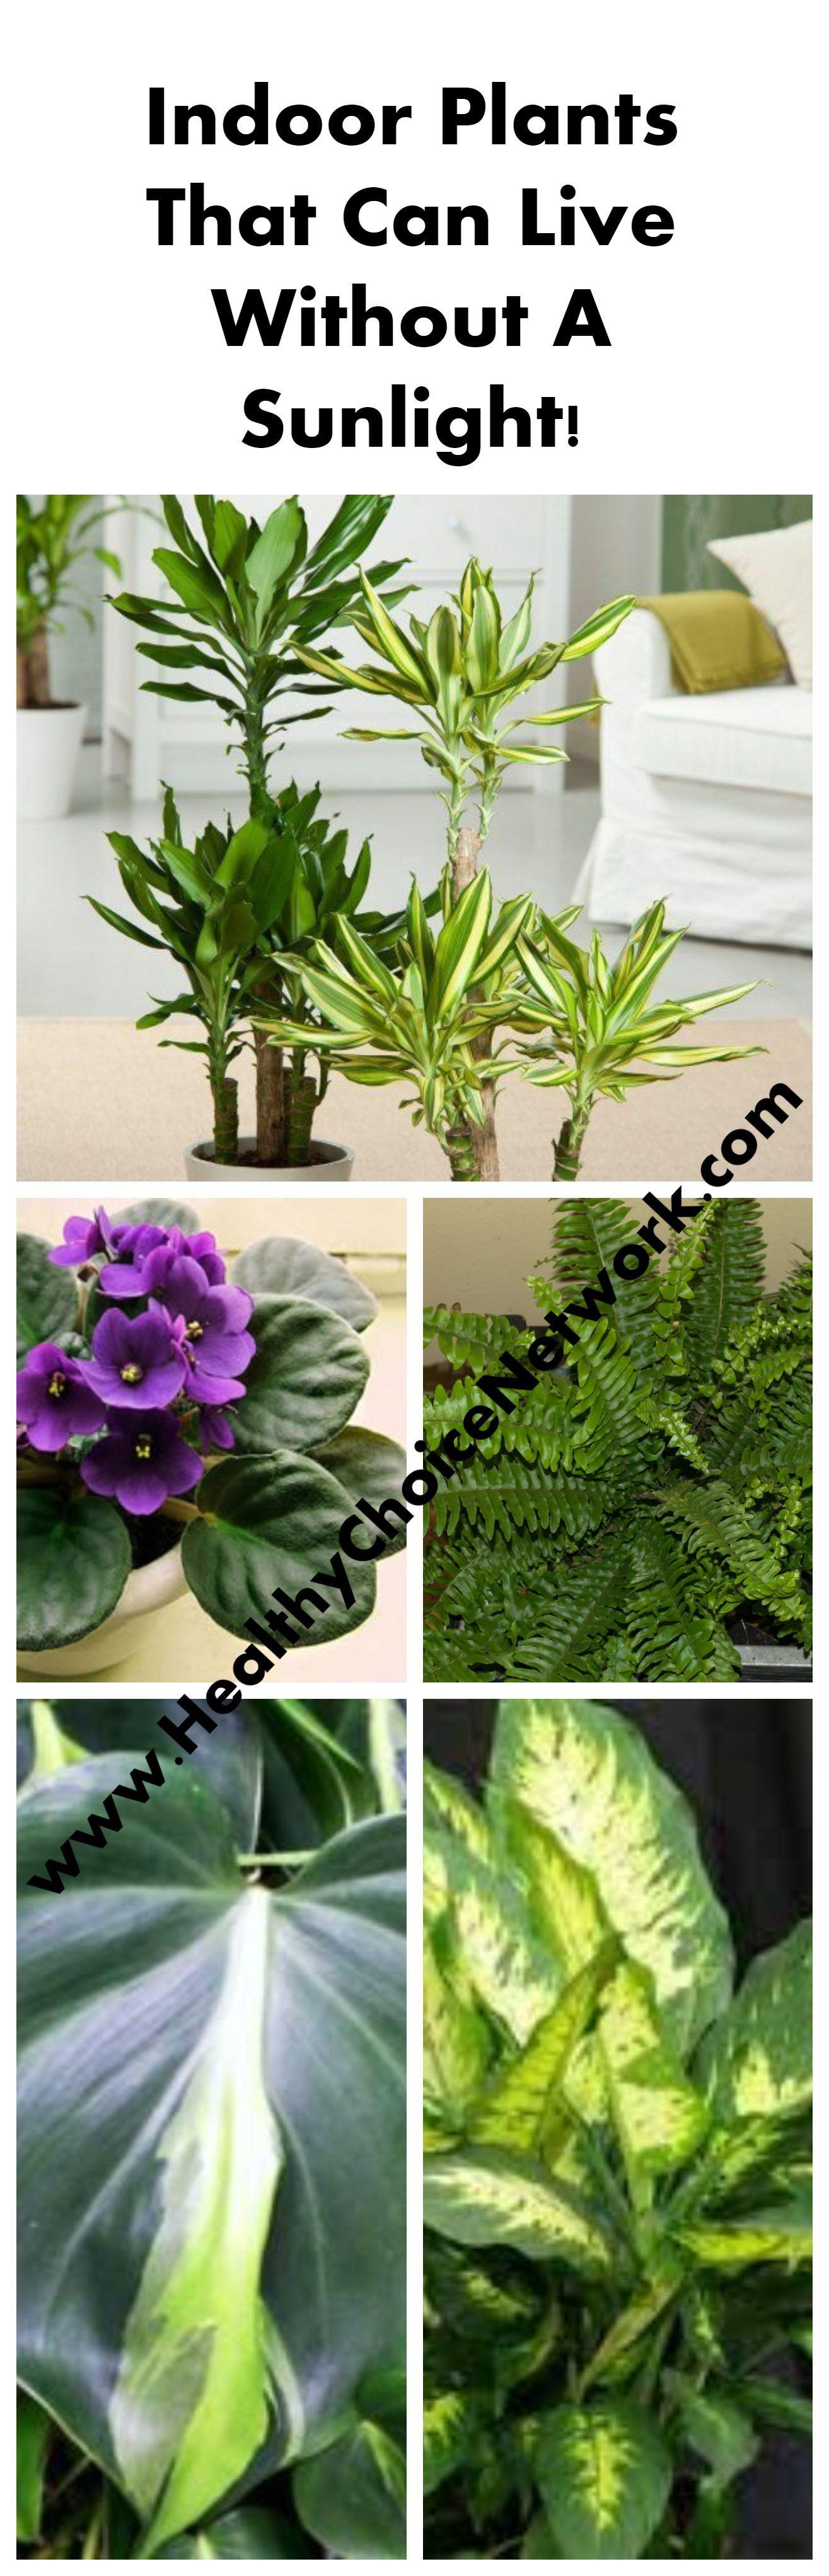 #Indoor #Plants #Garden #No #Sun #Sunlight #Poor #Low